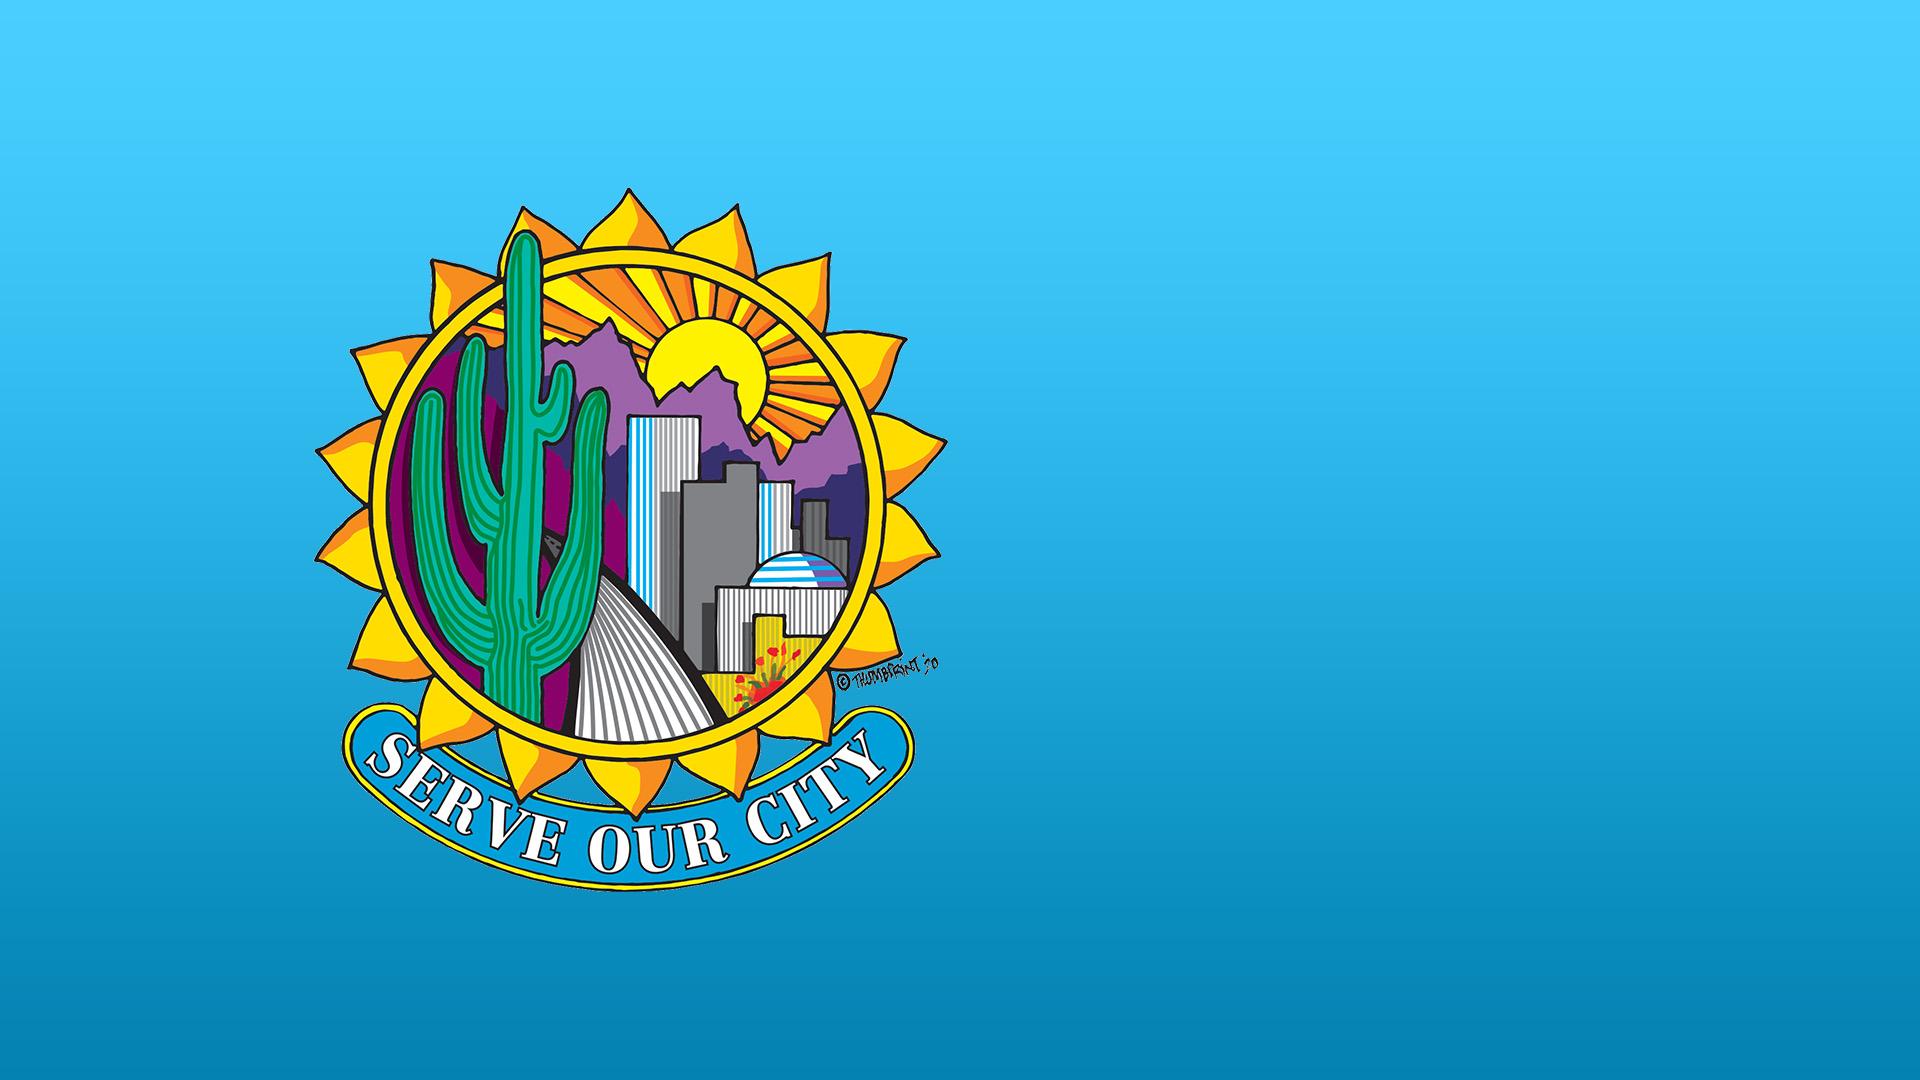 Image: Serve Our City